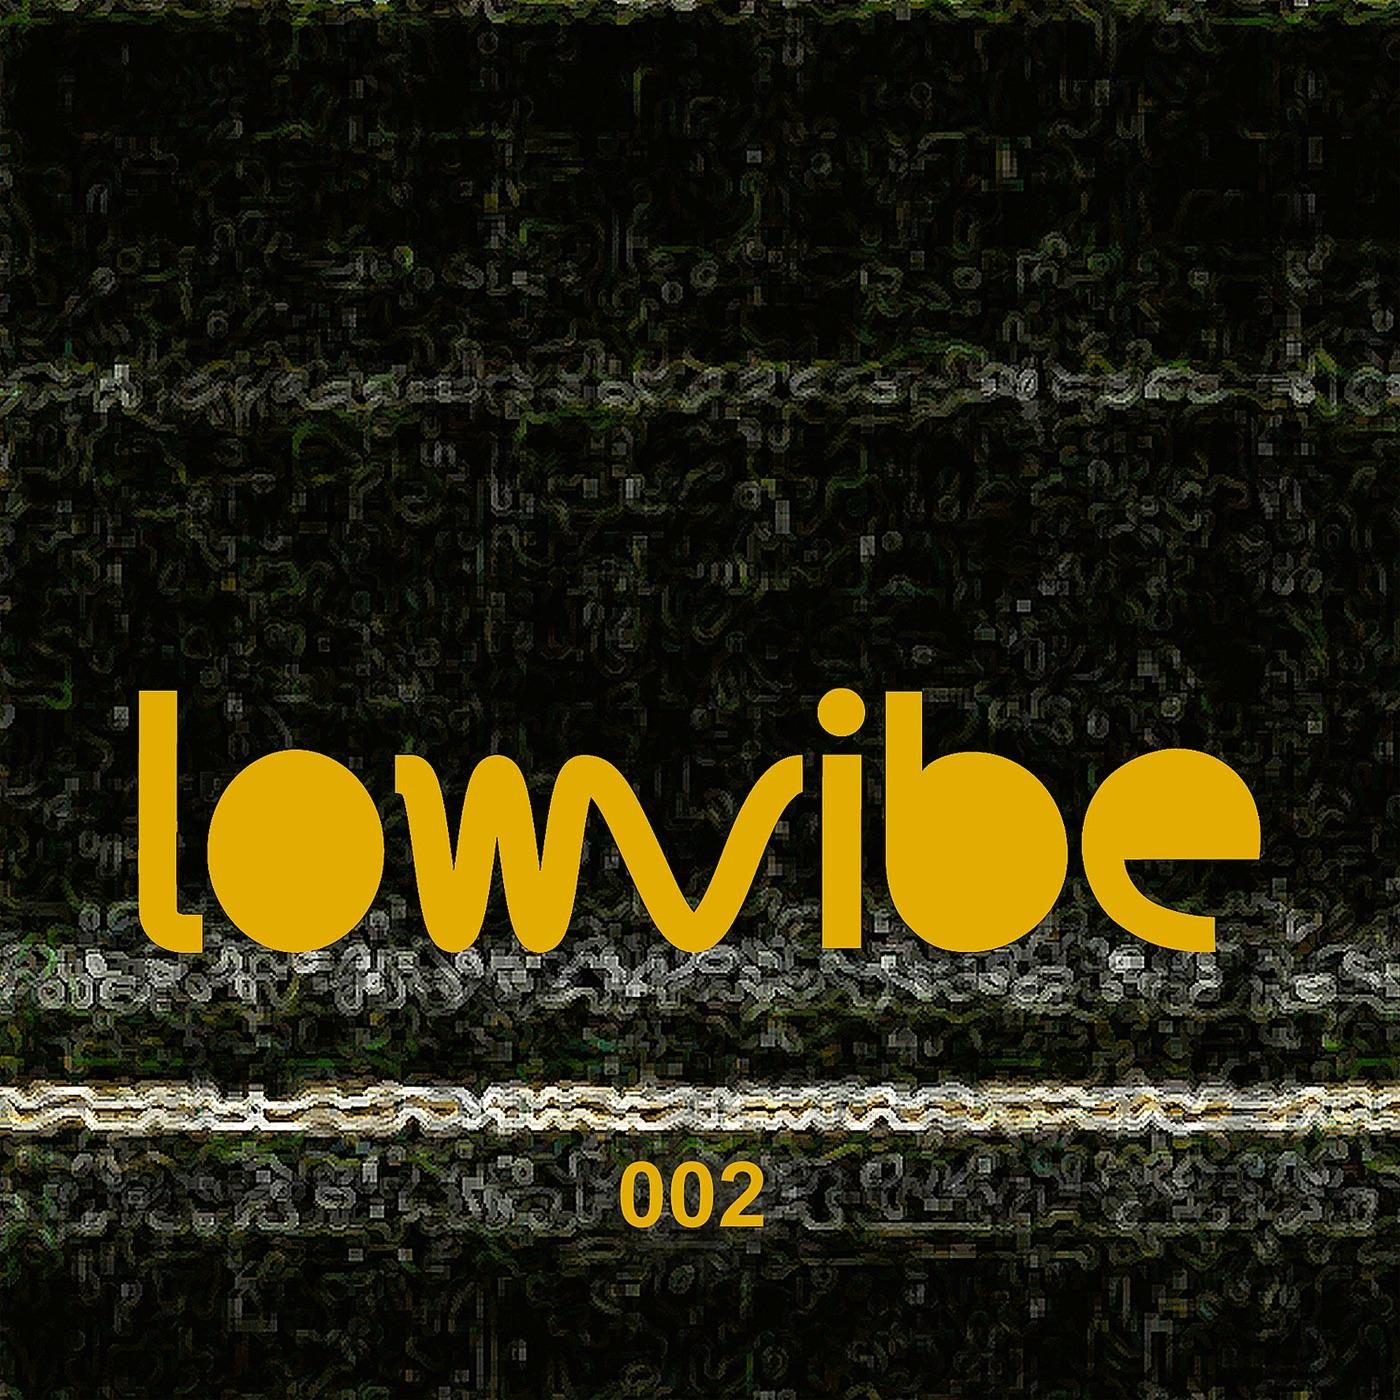 Low002 - Single